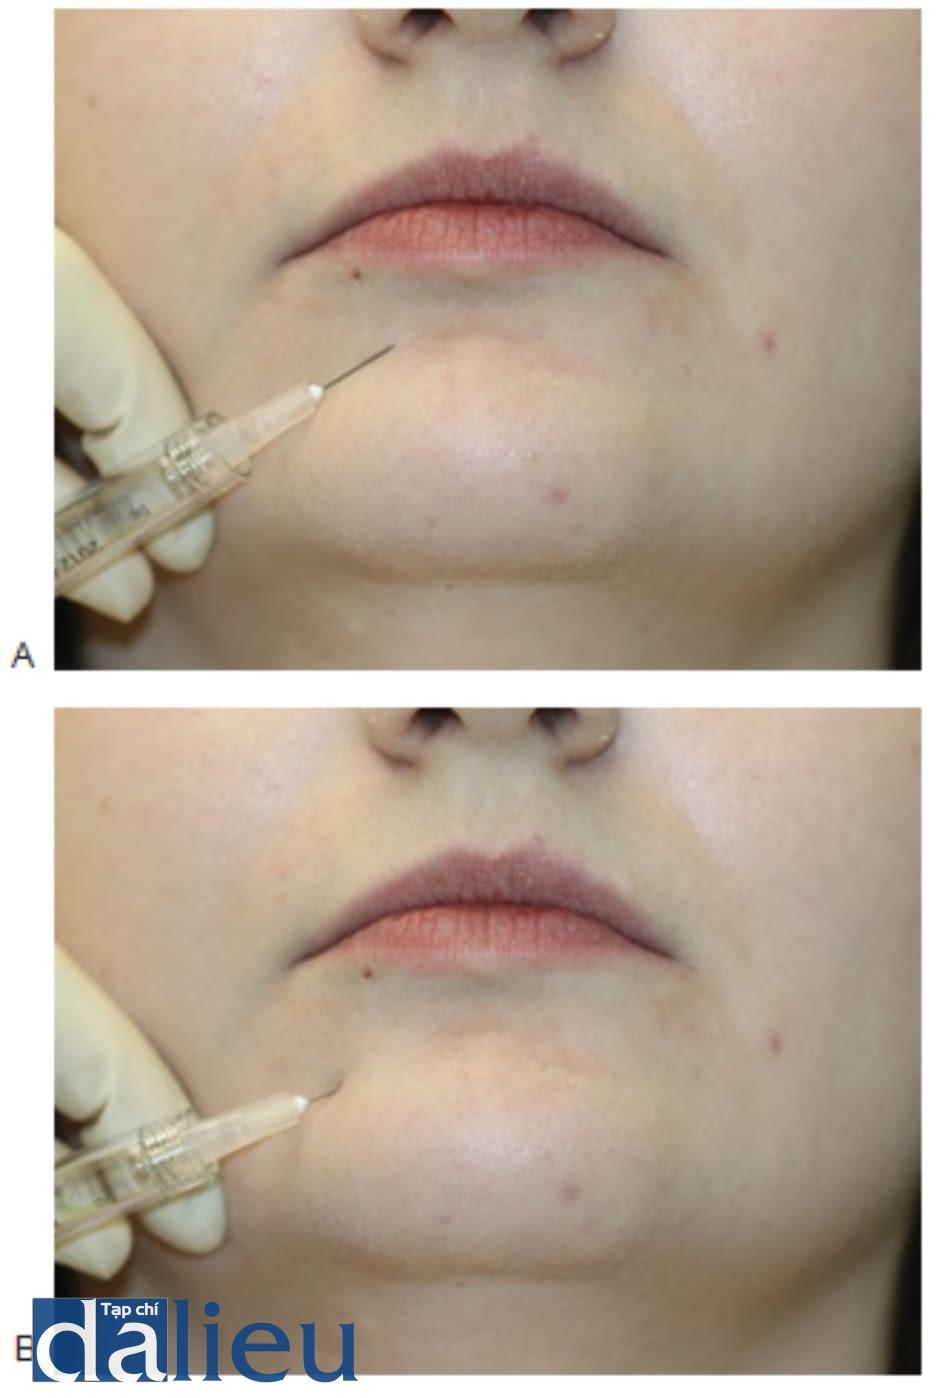 FIGURE 4 ● Lần tiêm đầu tiên để điều trị chất độn da: xác định điểm tiêm (A) và kỹ thuật luồng (B).